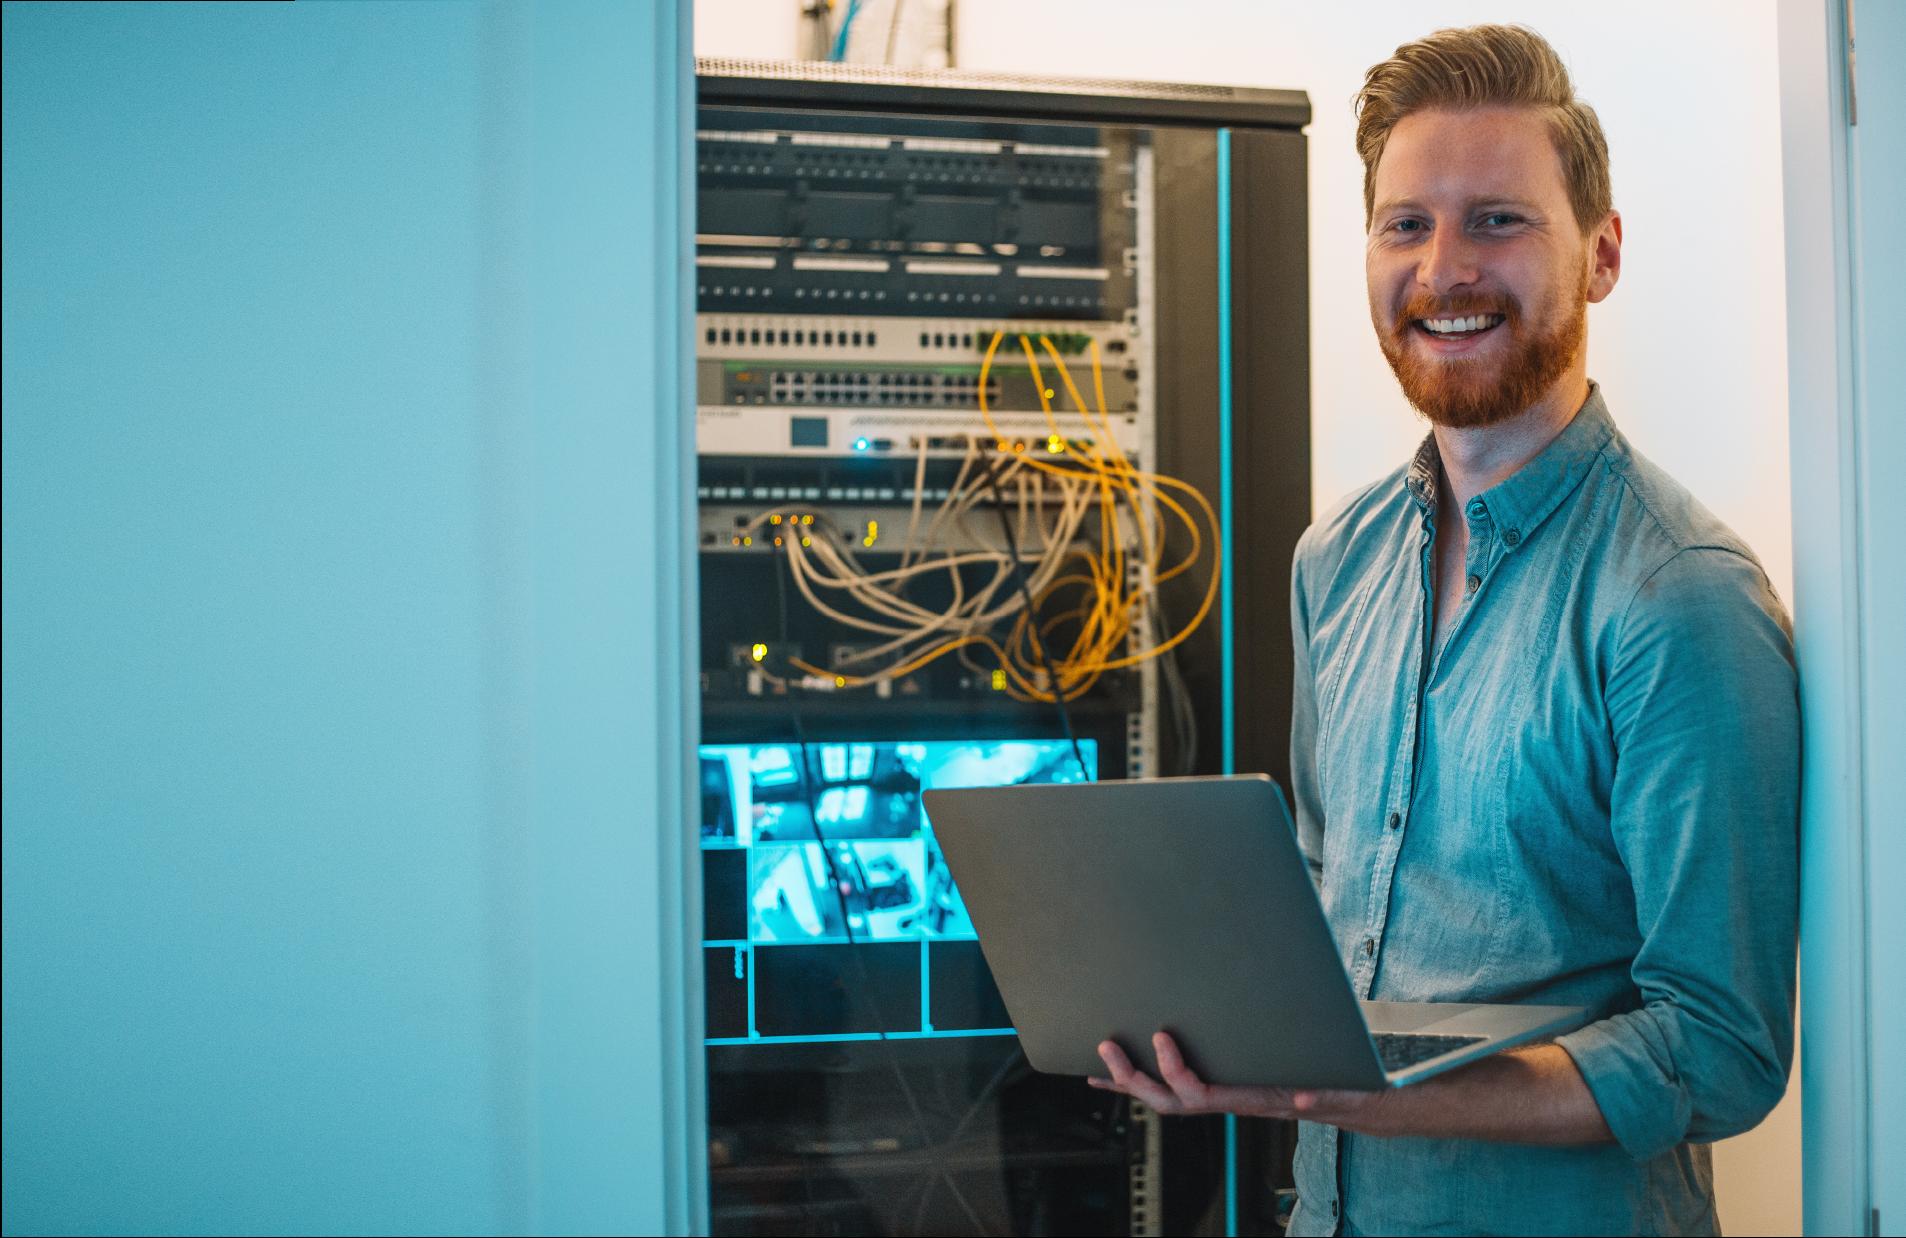 Male IT technician using laptop in server room